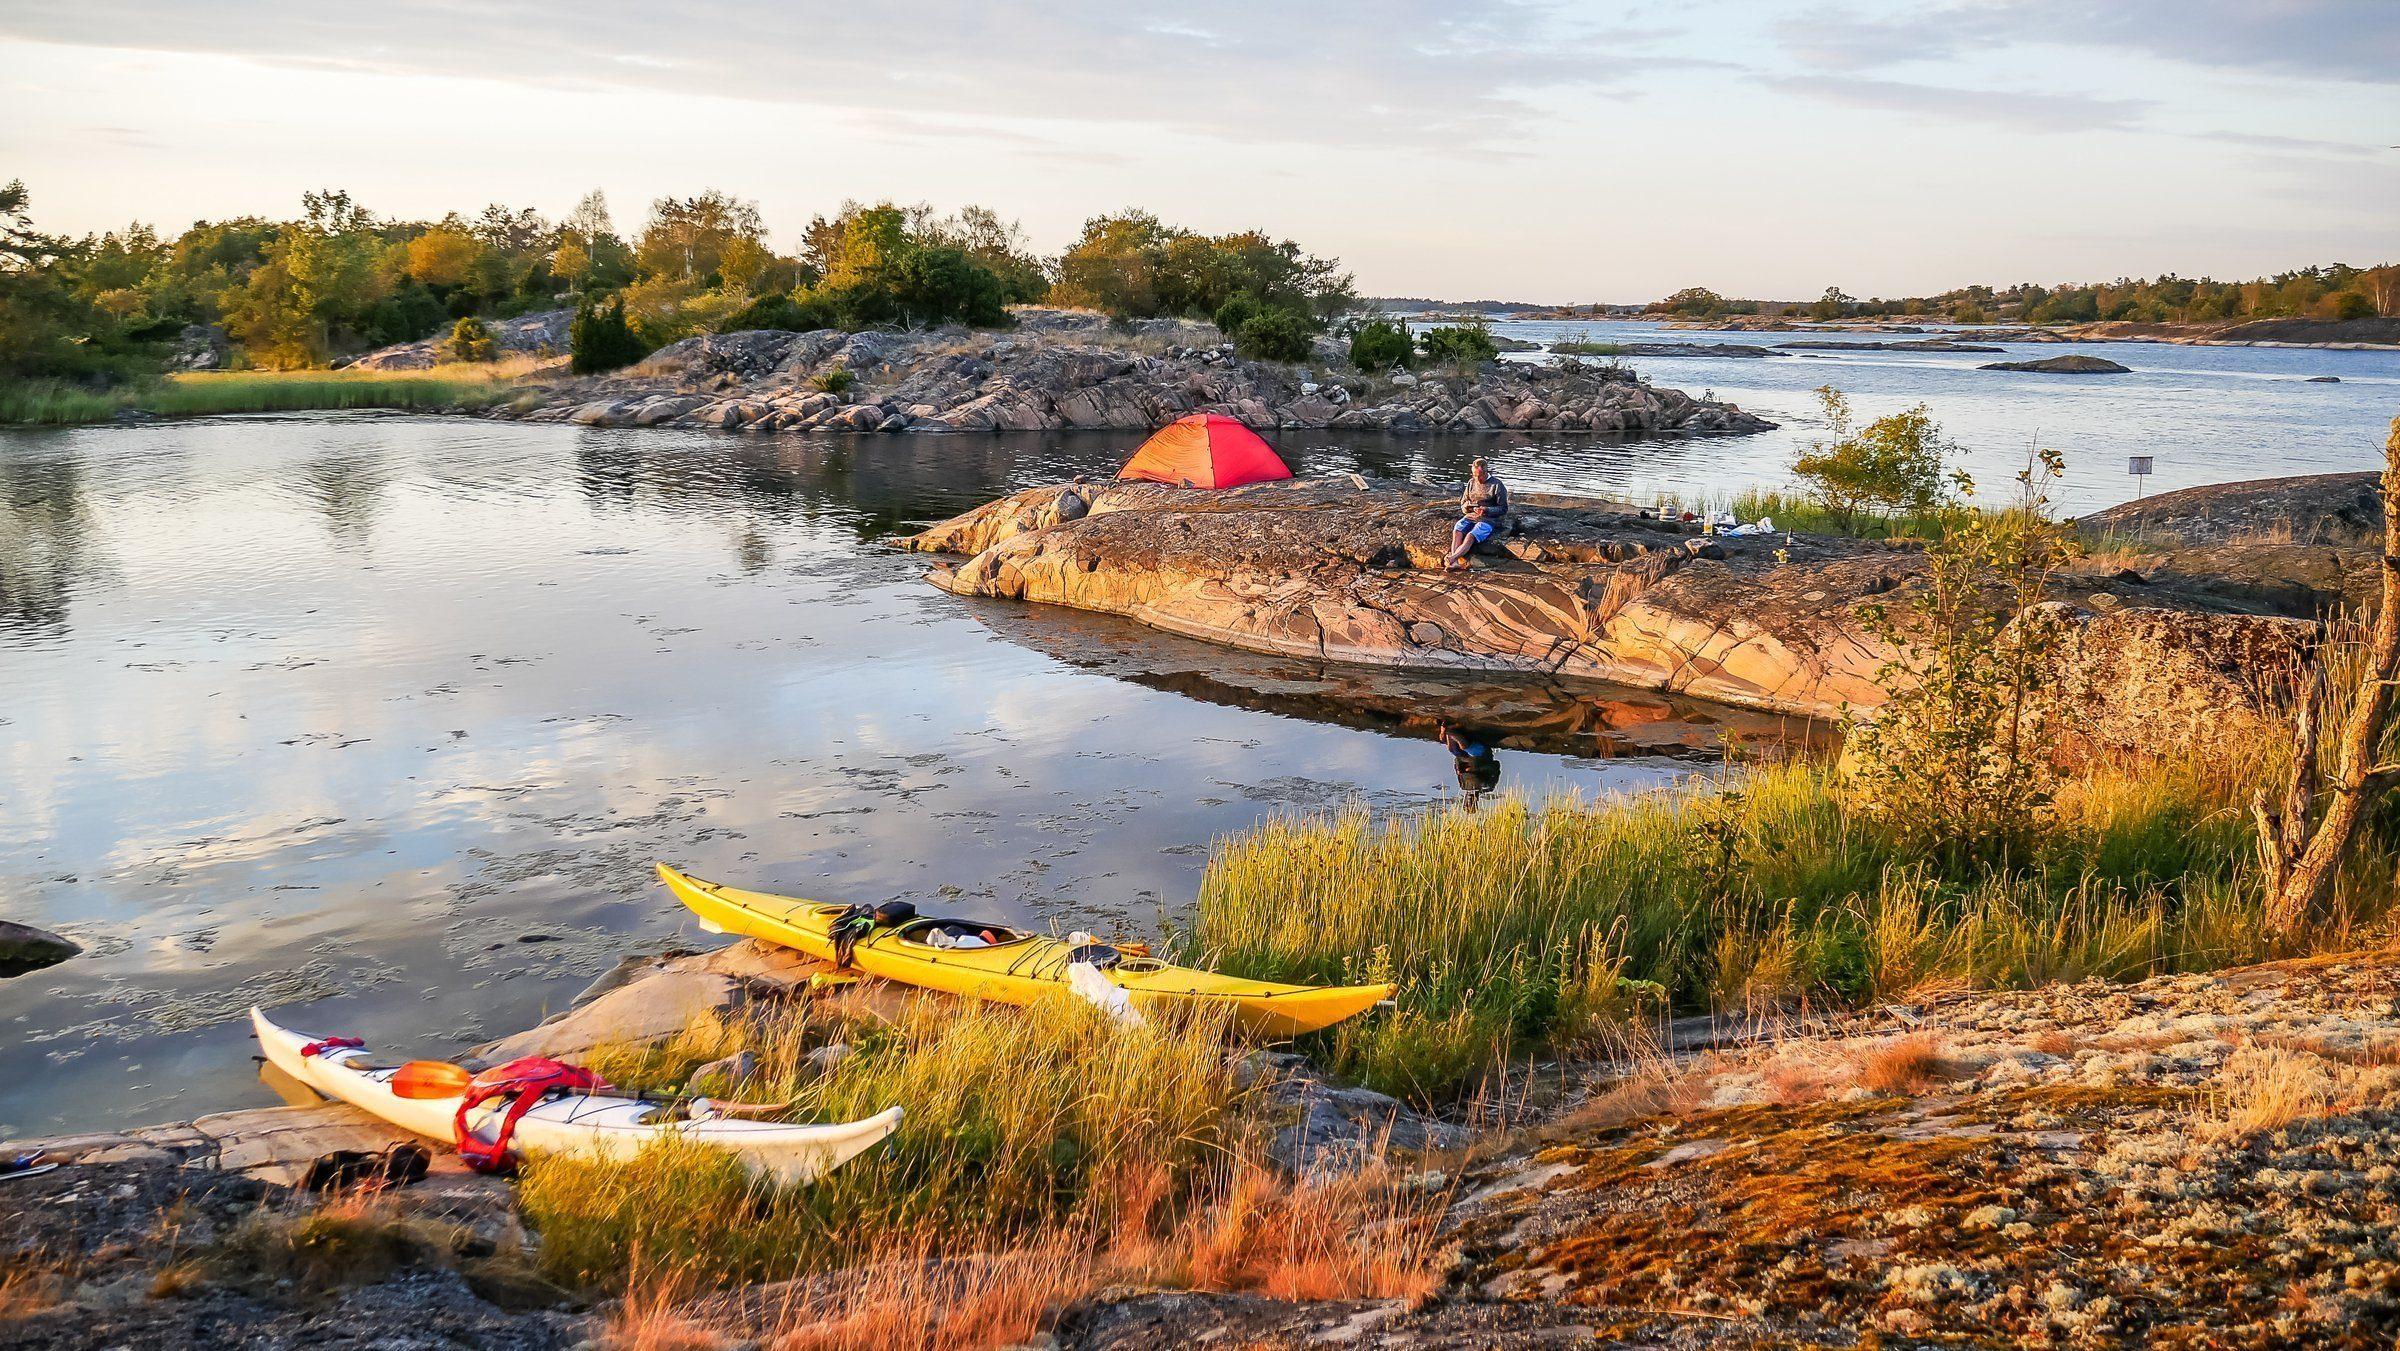 Ett tält och kajaker i den svenska skärgården